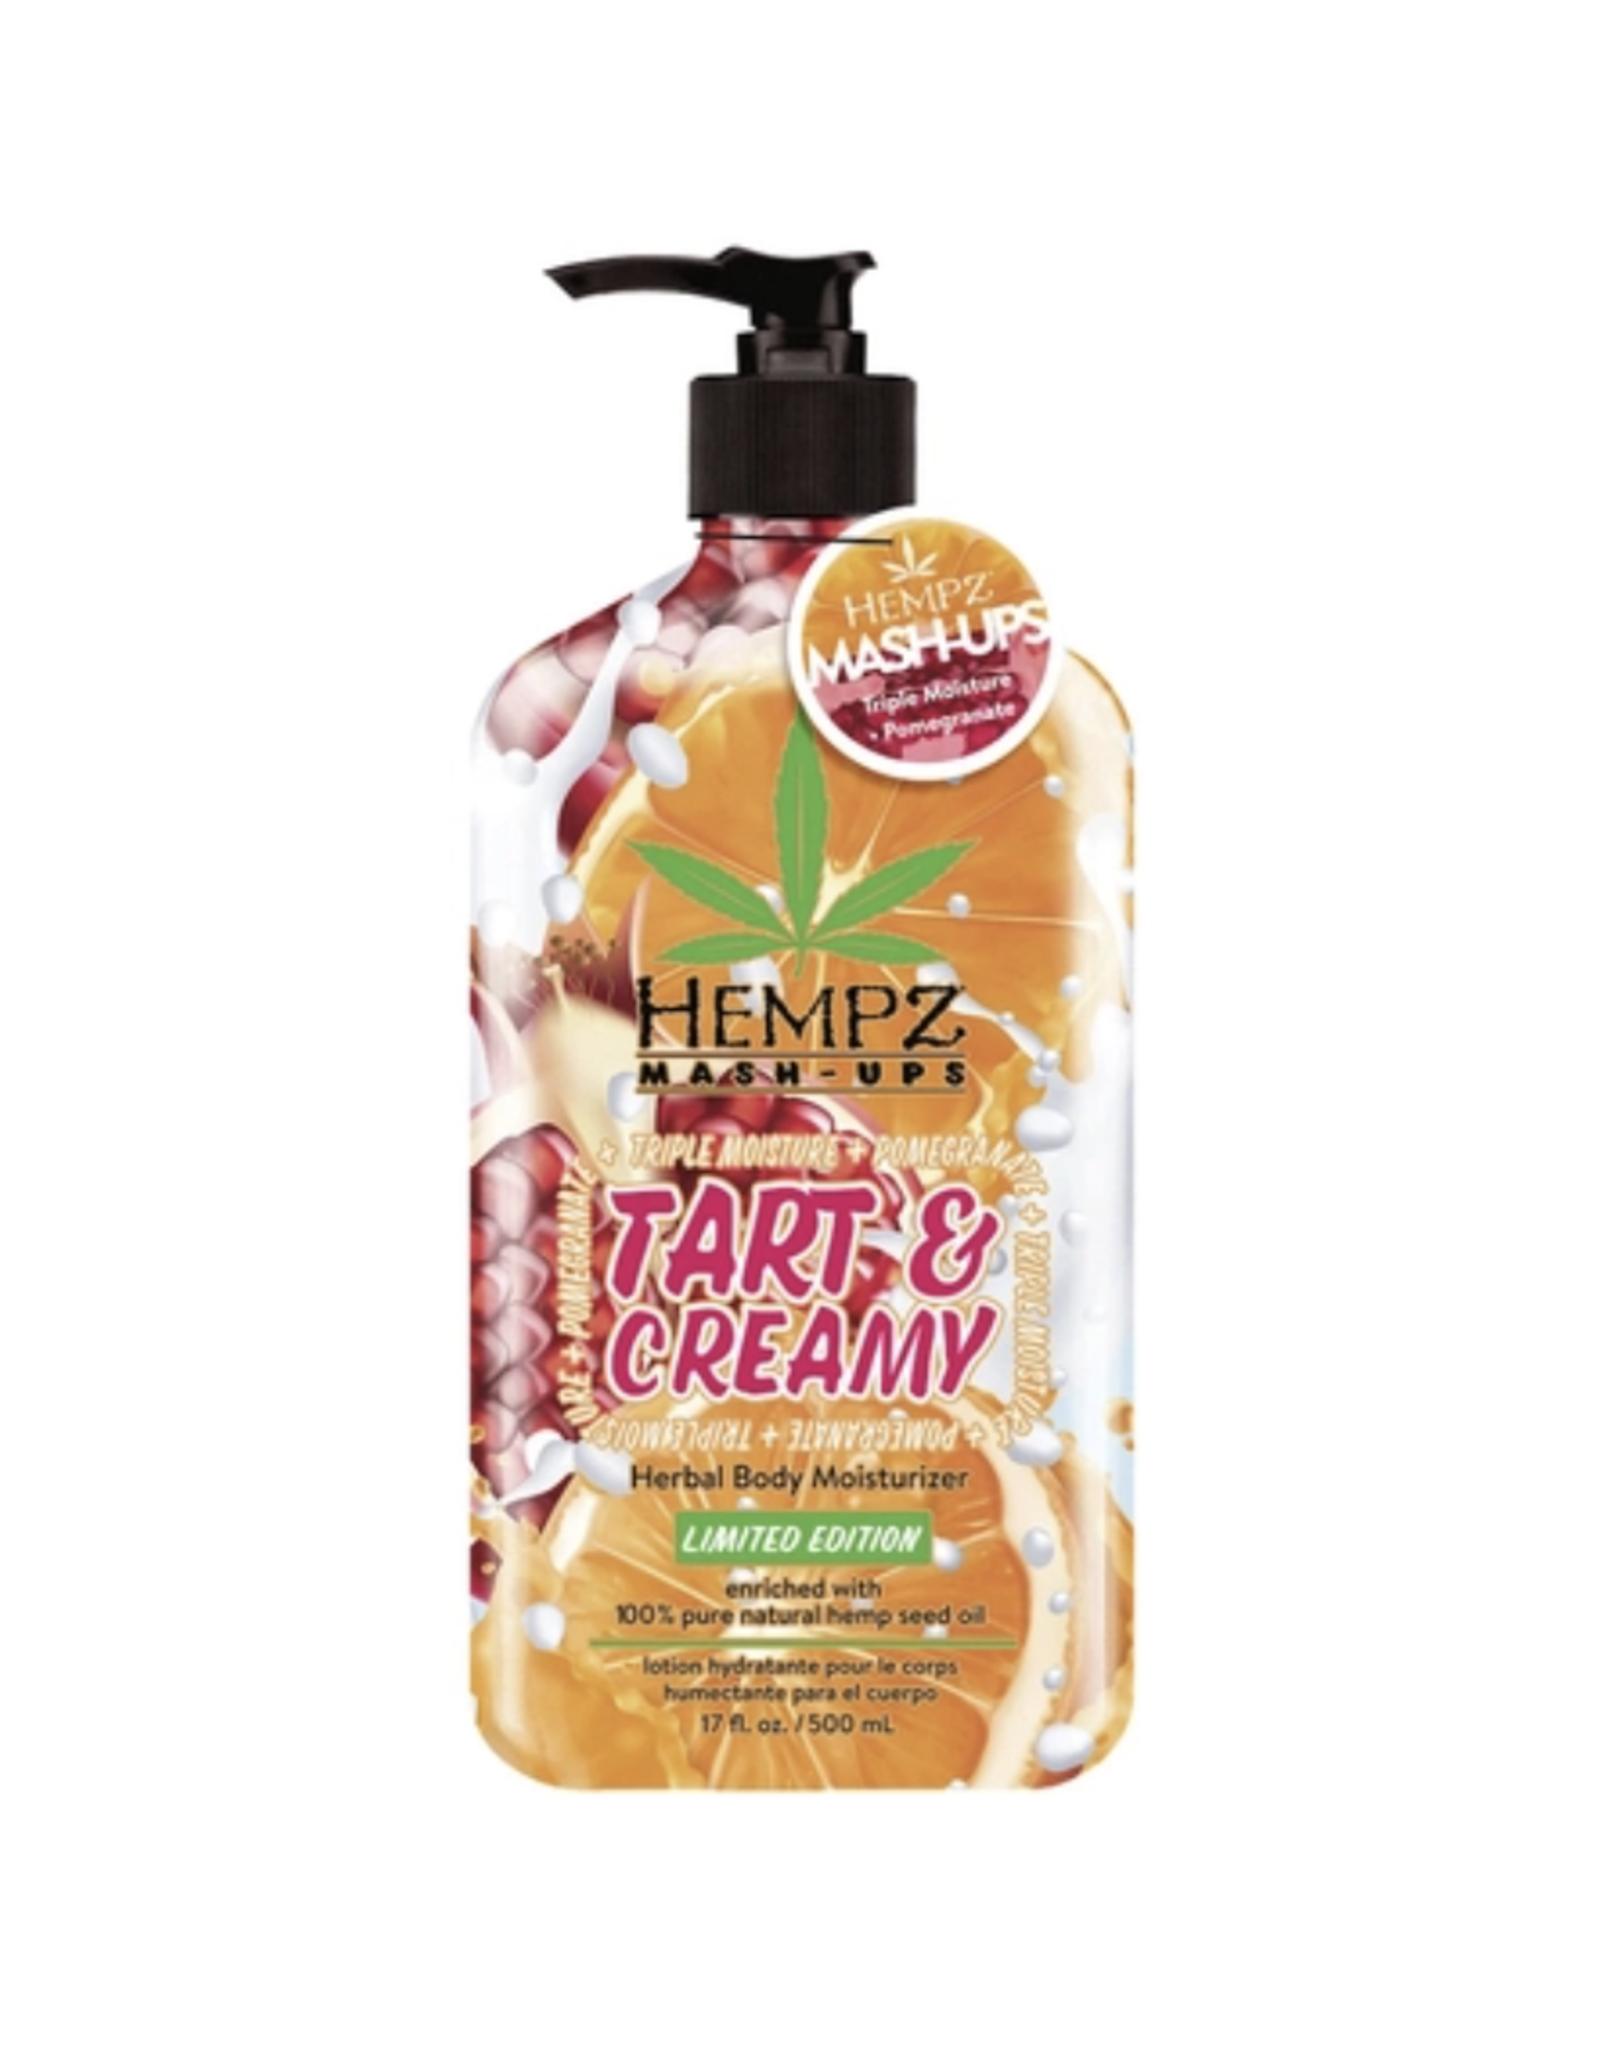 Hempz Hempz Tart & Creamy Moisturizer 17oz